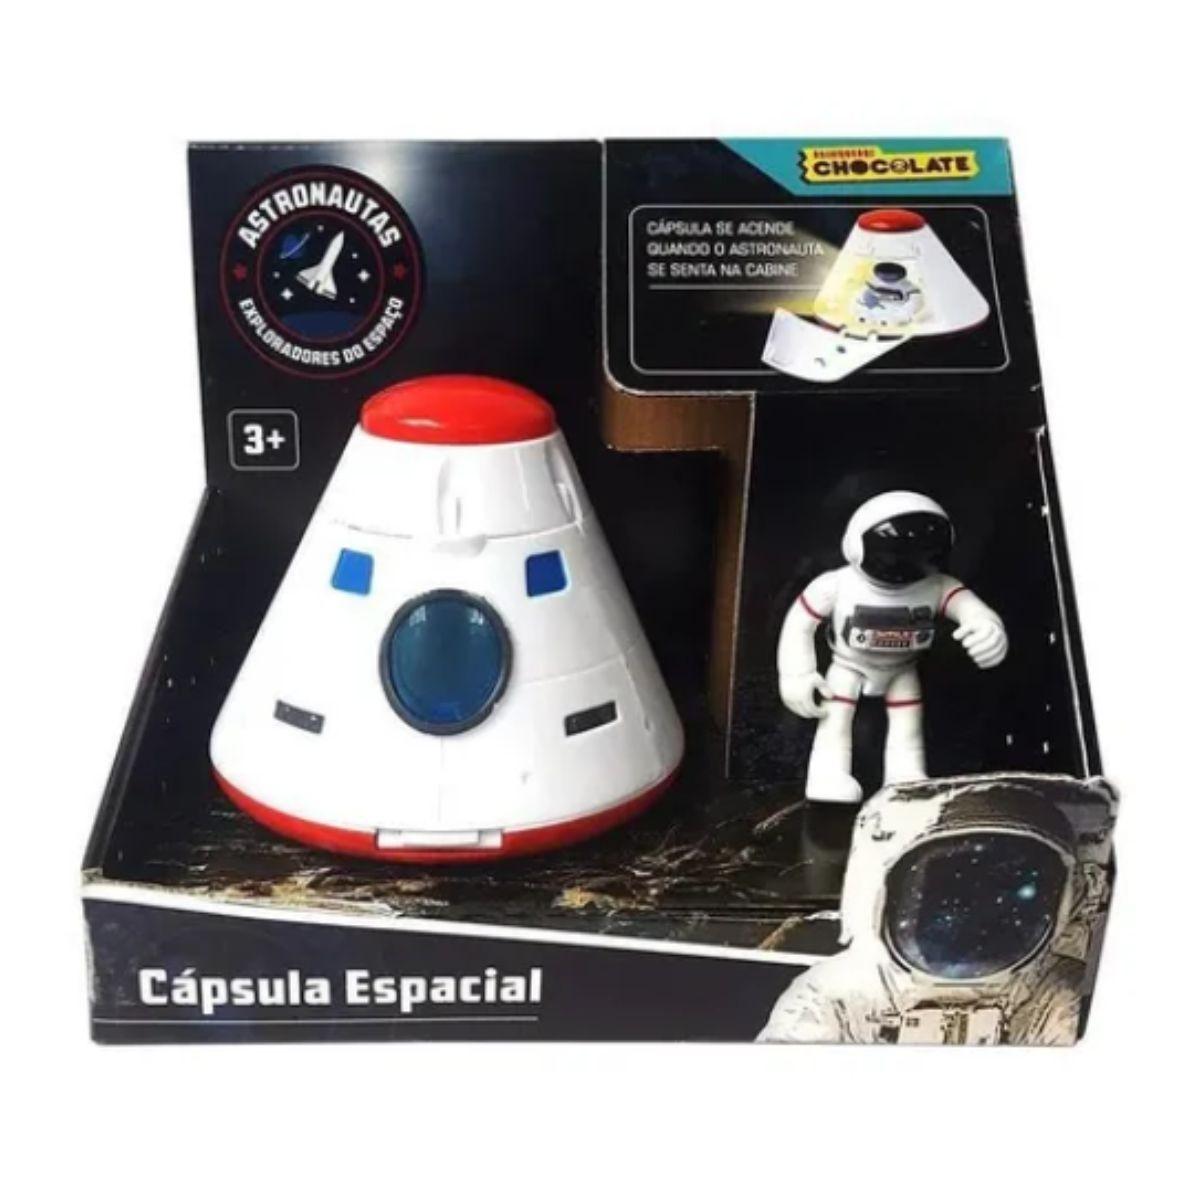 Cápsula Espacial Astronautas - Brinquedos Chocolate